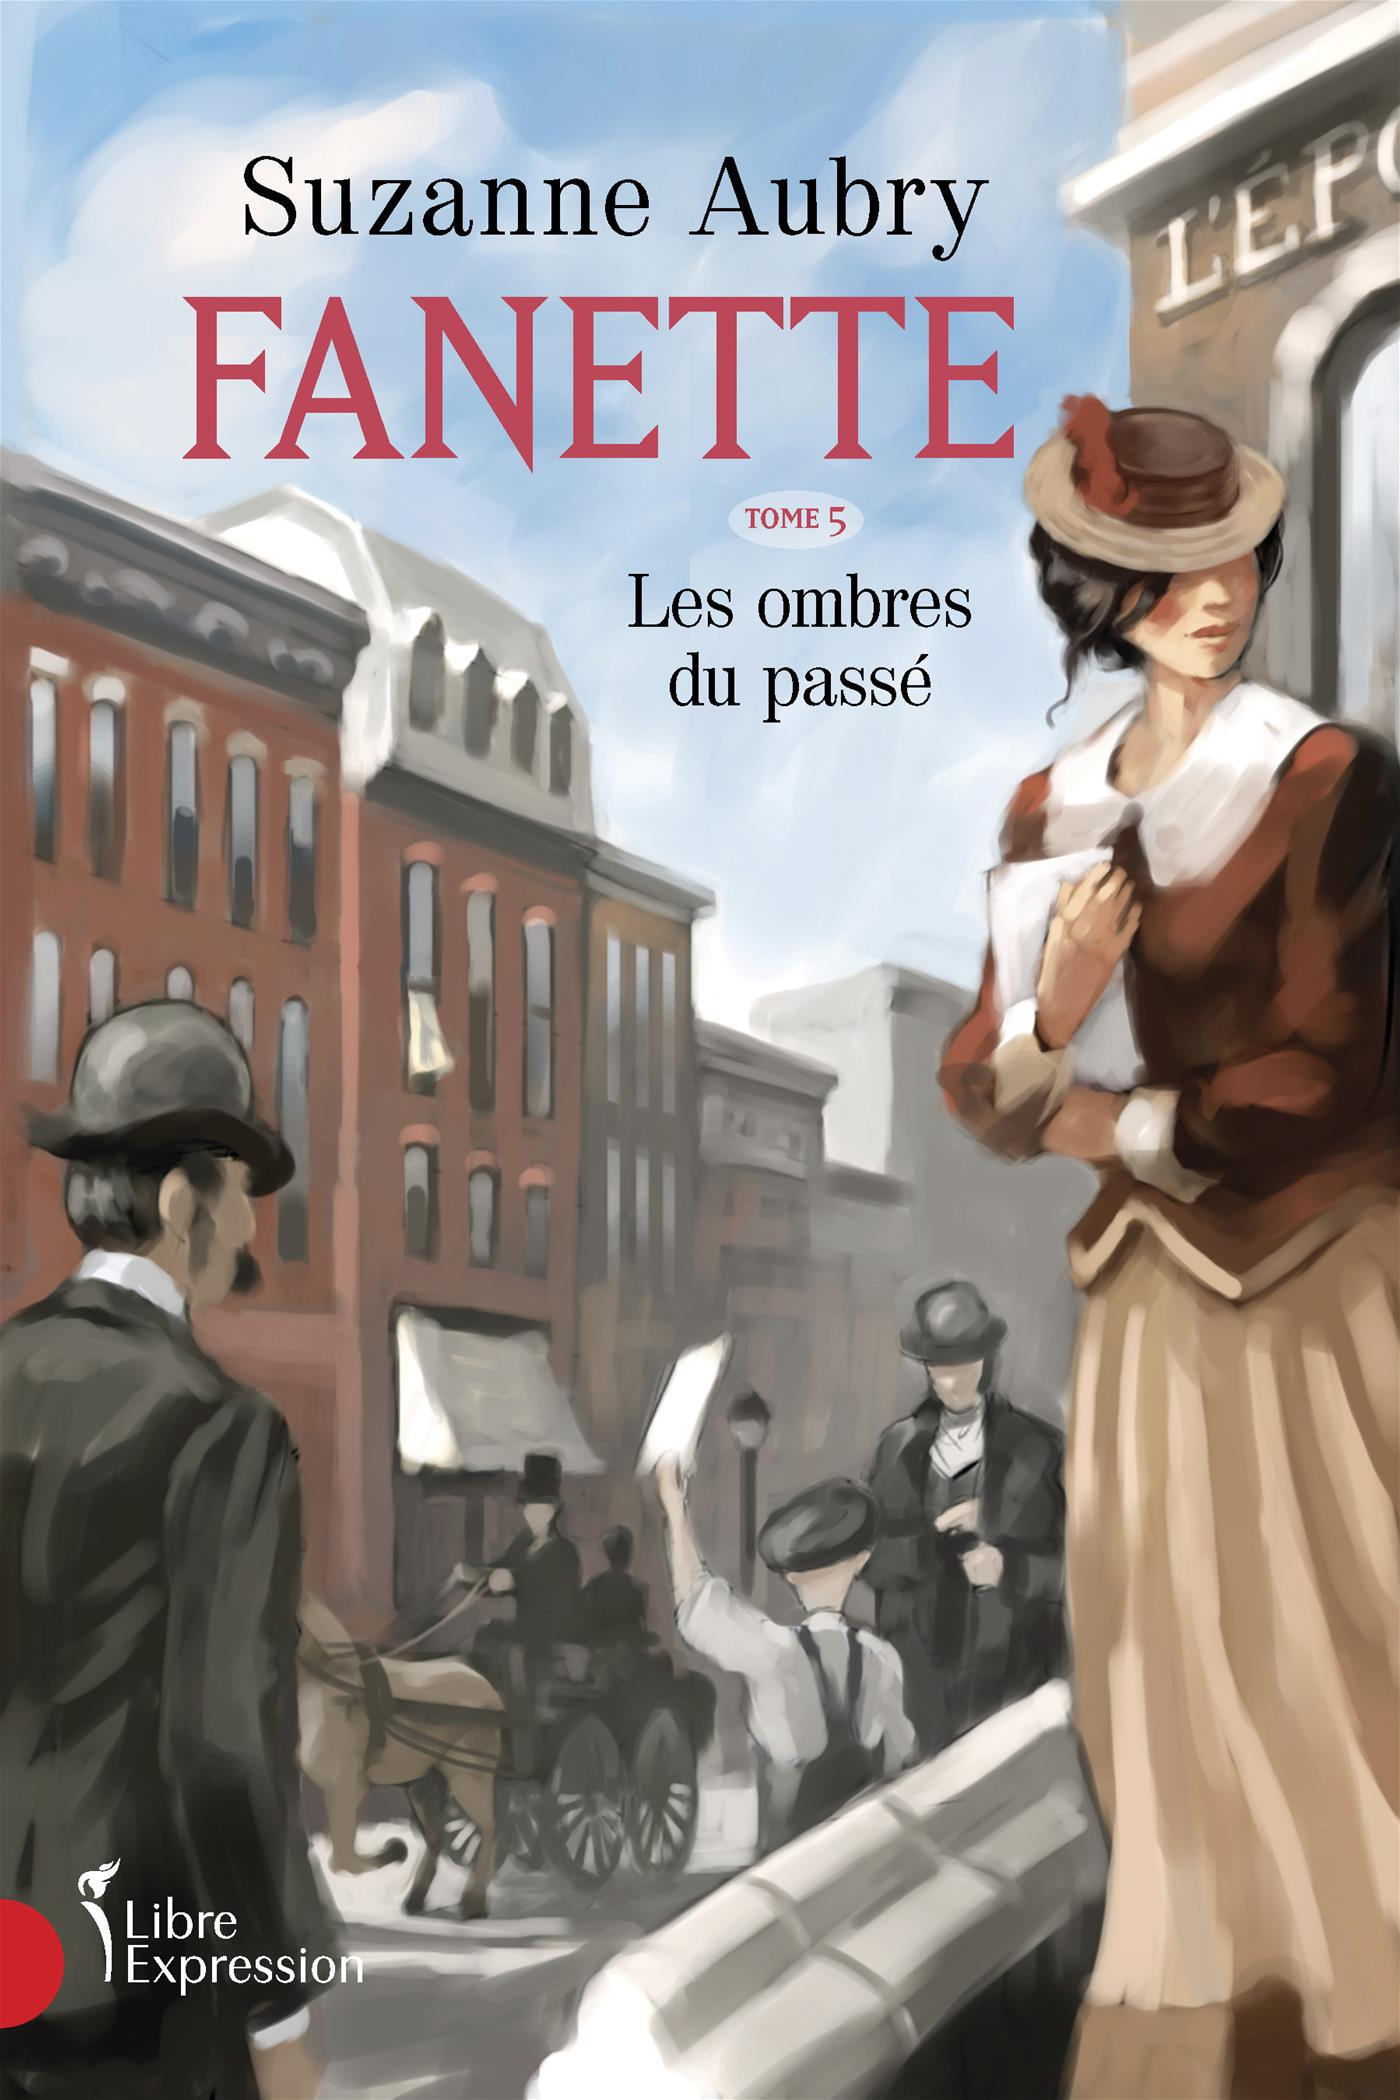 Fanette, tome 5